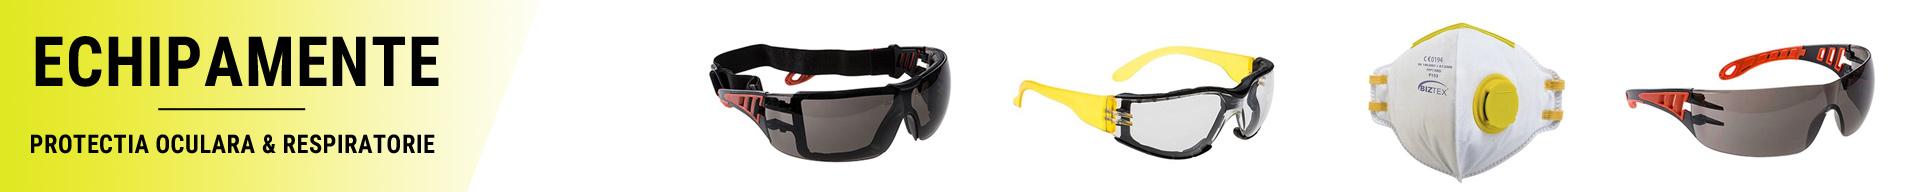 Echipamente pentru protectie oculara si respiratorie